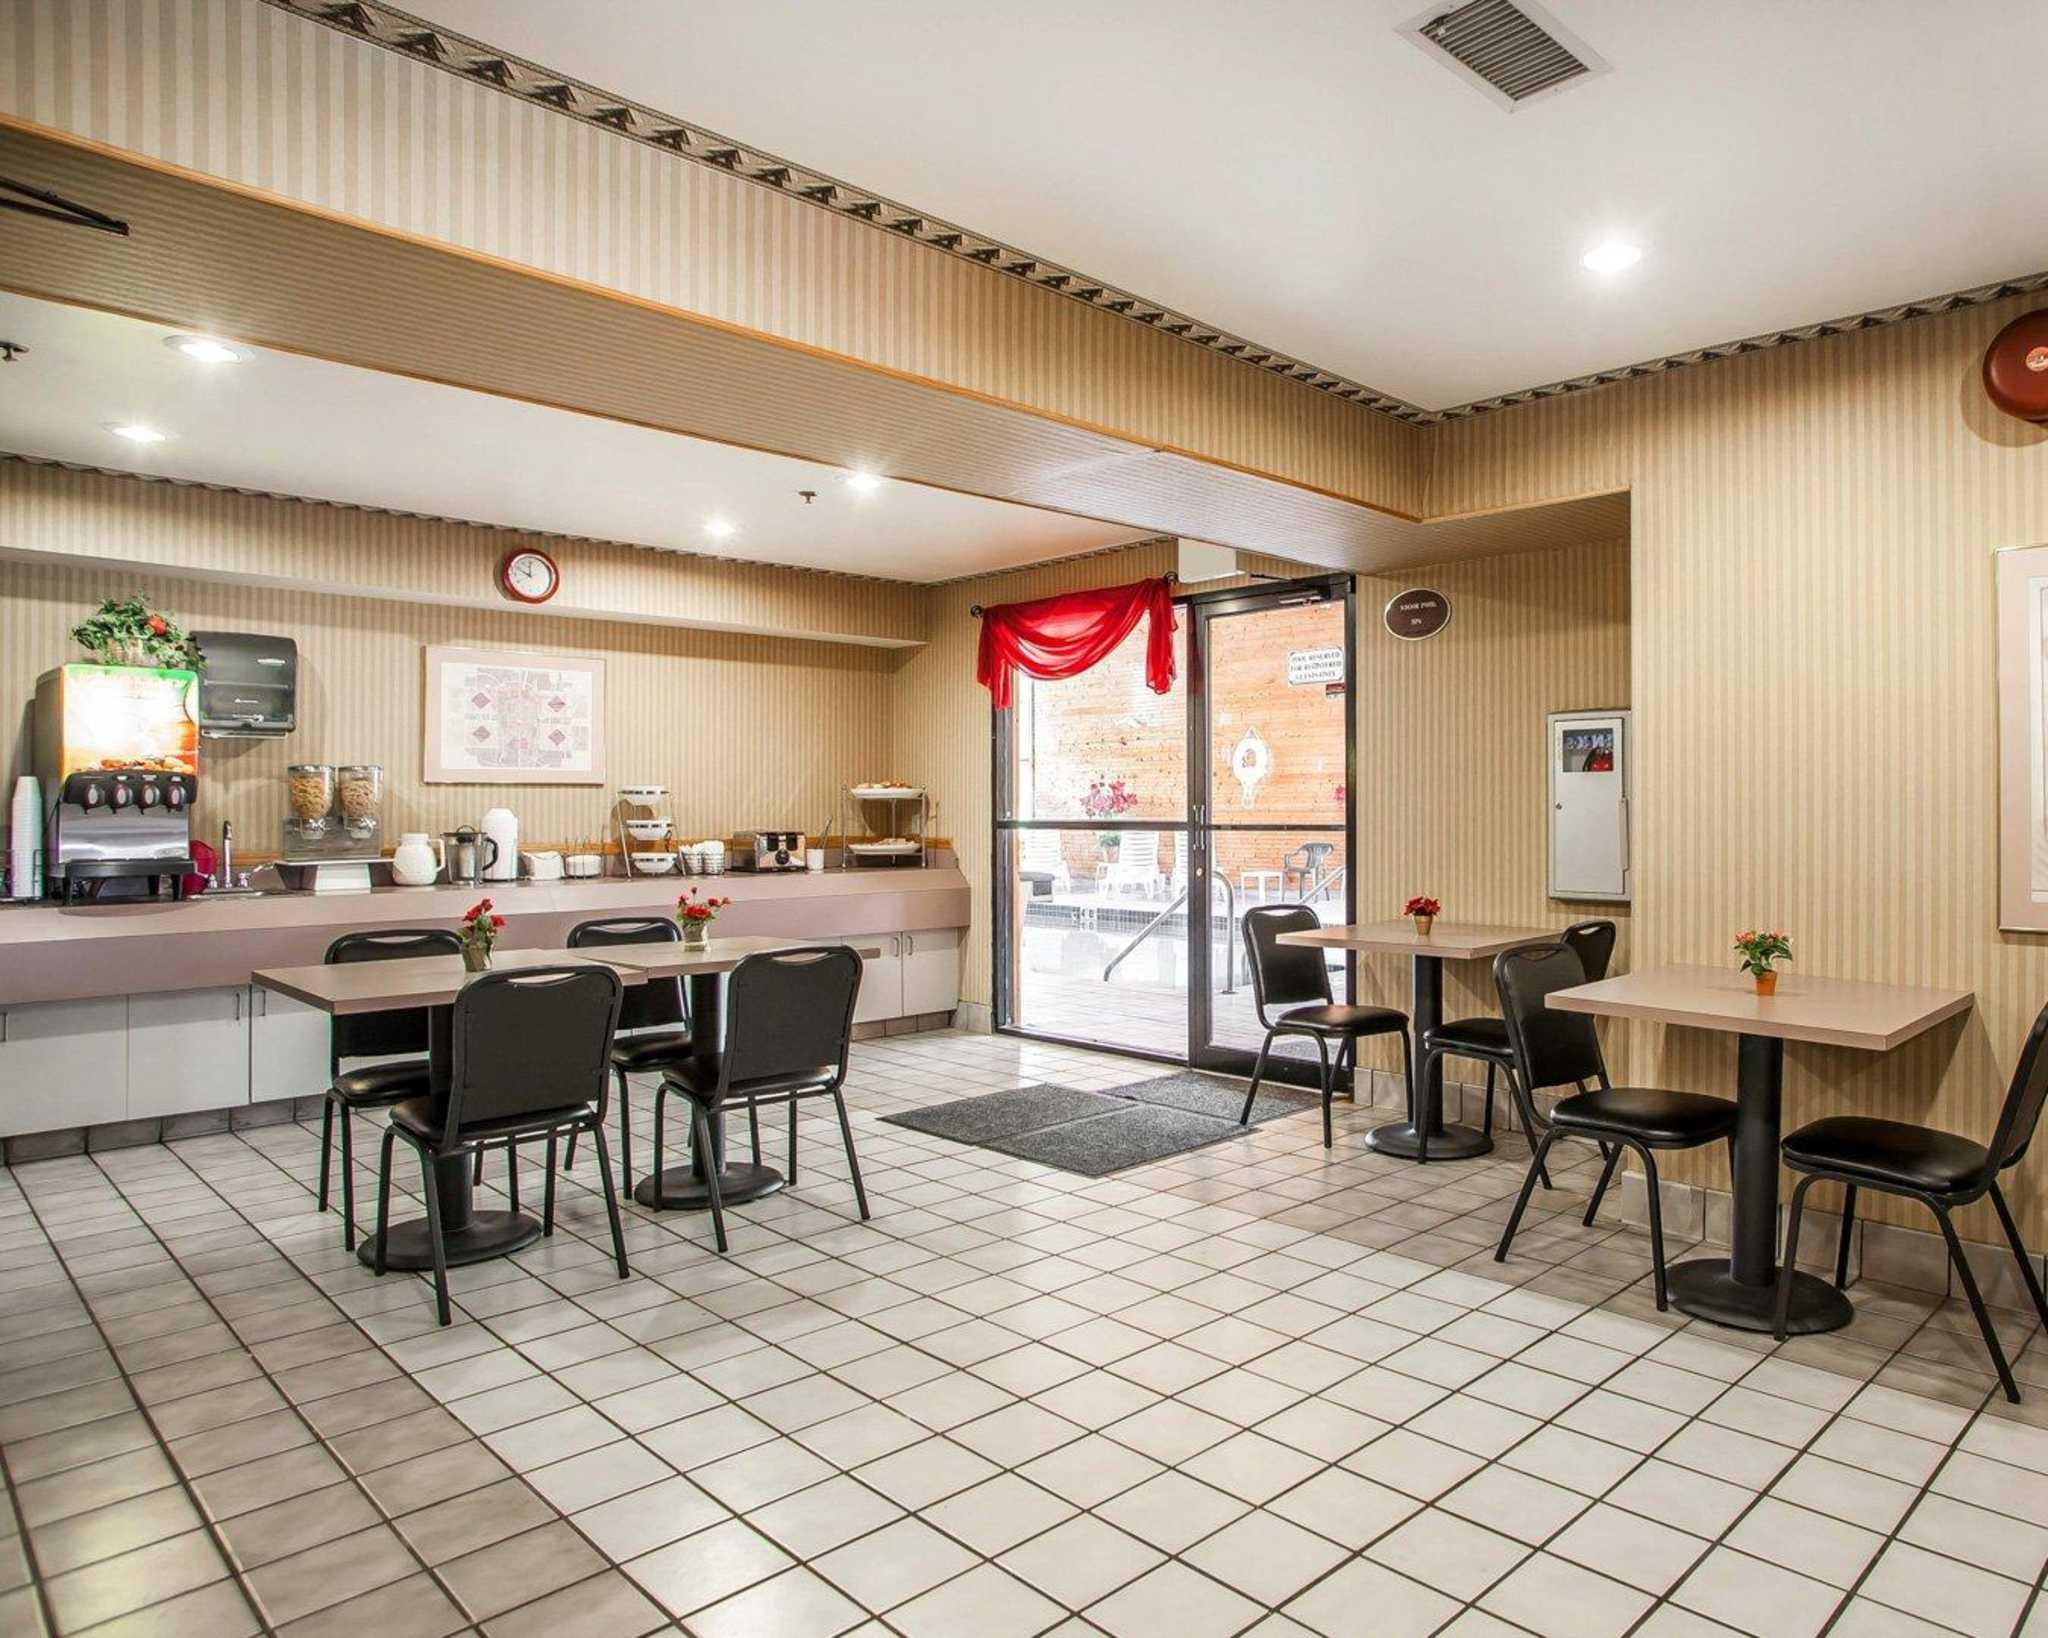 Chen S Kitchen Mukwonago Wisconsin